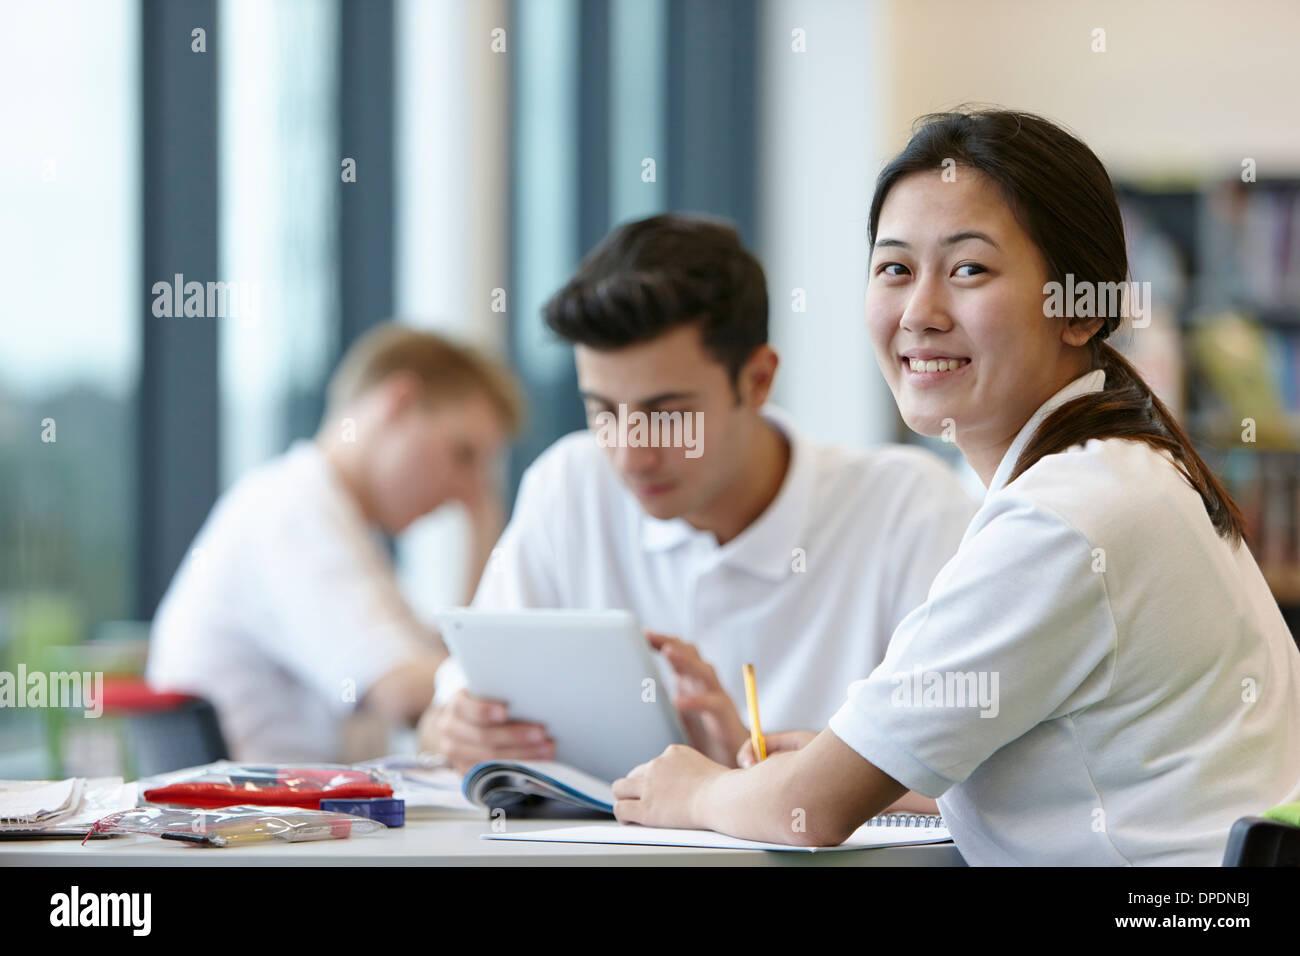 Teenagers working in school classroom Stock Photo